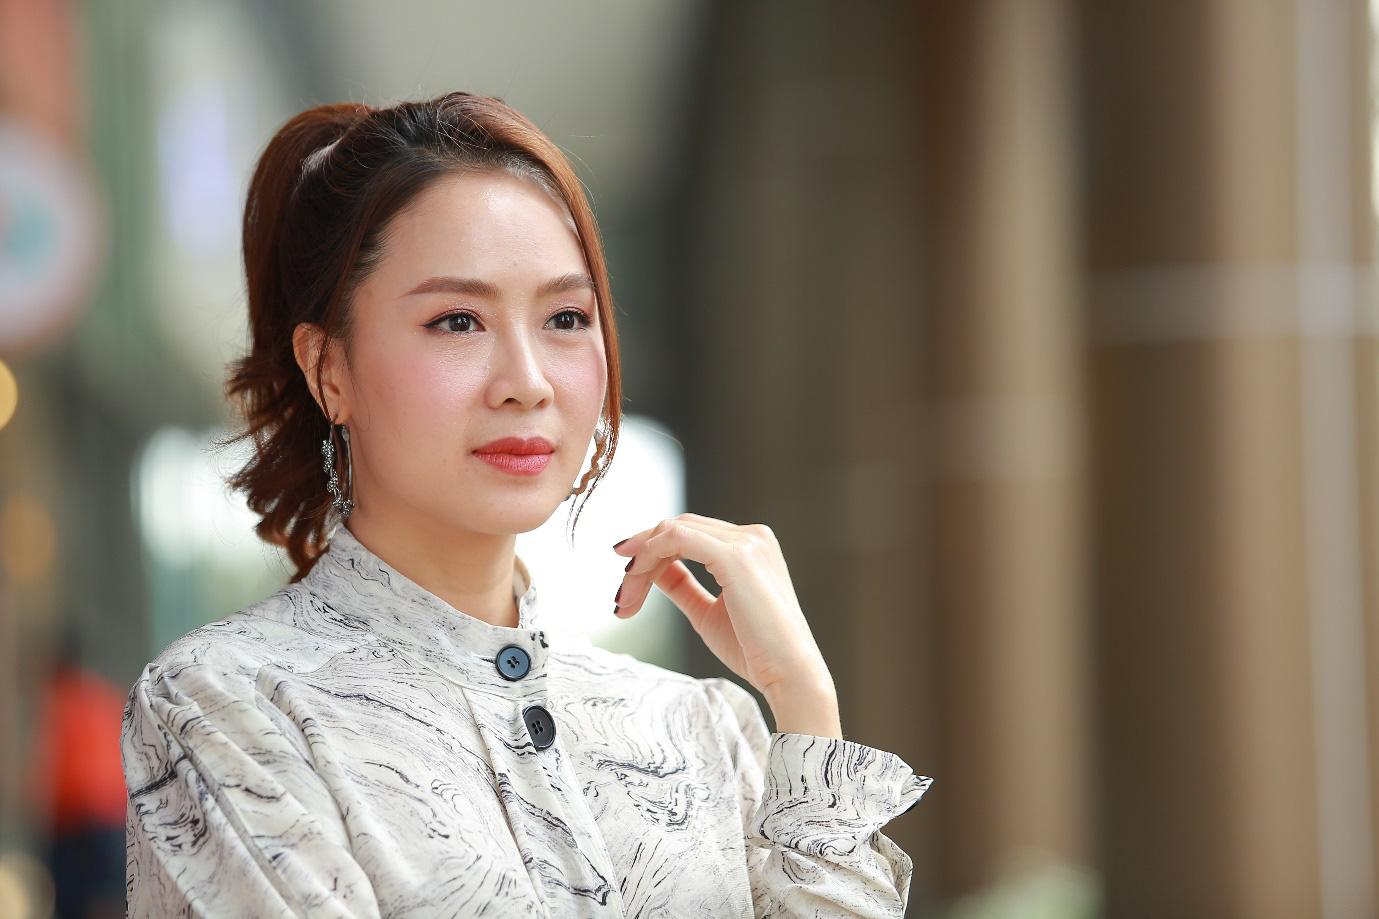 Thực hư chuyện Diễn viên Hồng Diễm - Bà chủ của nhà hàng Fujibin từ trong phim thành hiện thực - Ảnh 1.